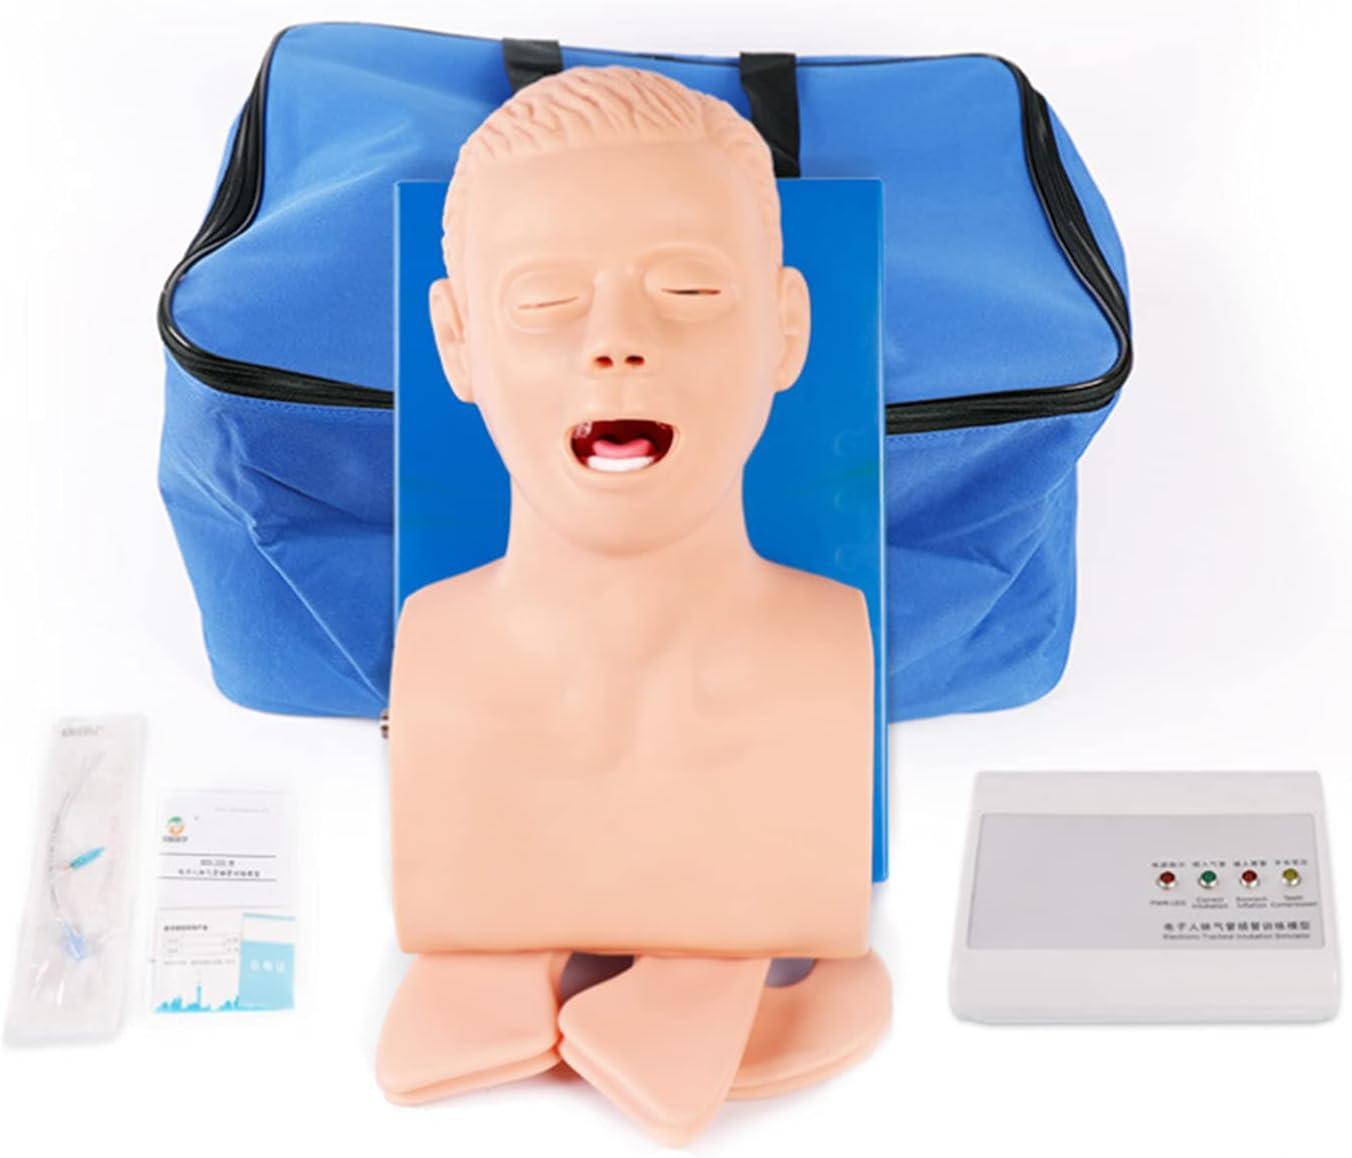 BBYYT Intubación Maniquí Enseñando Modelo, Oral Intubación Nasal Vías respiratorias Gestión Entrenador Intubación Capacitación Simulador Modelo, por Ciencias Laboratorio Educación